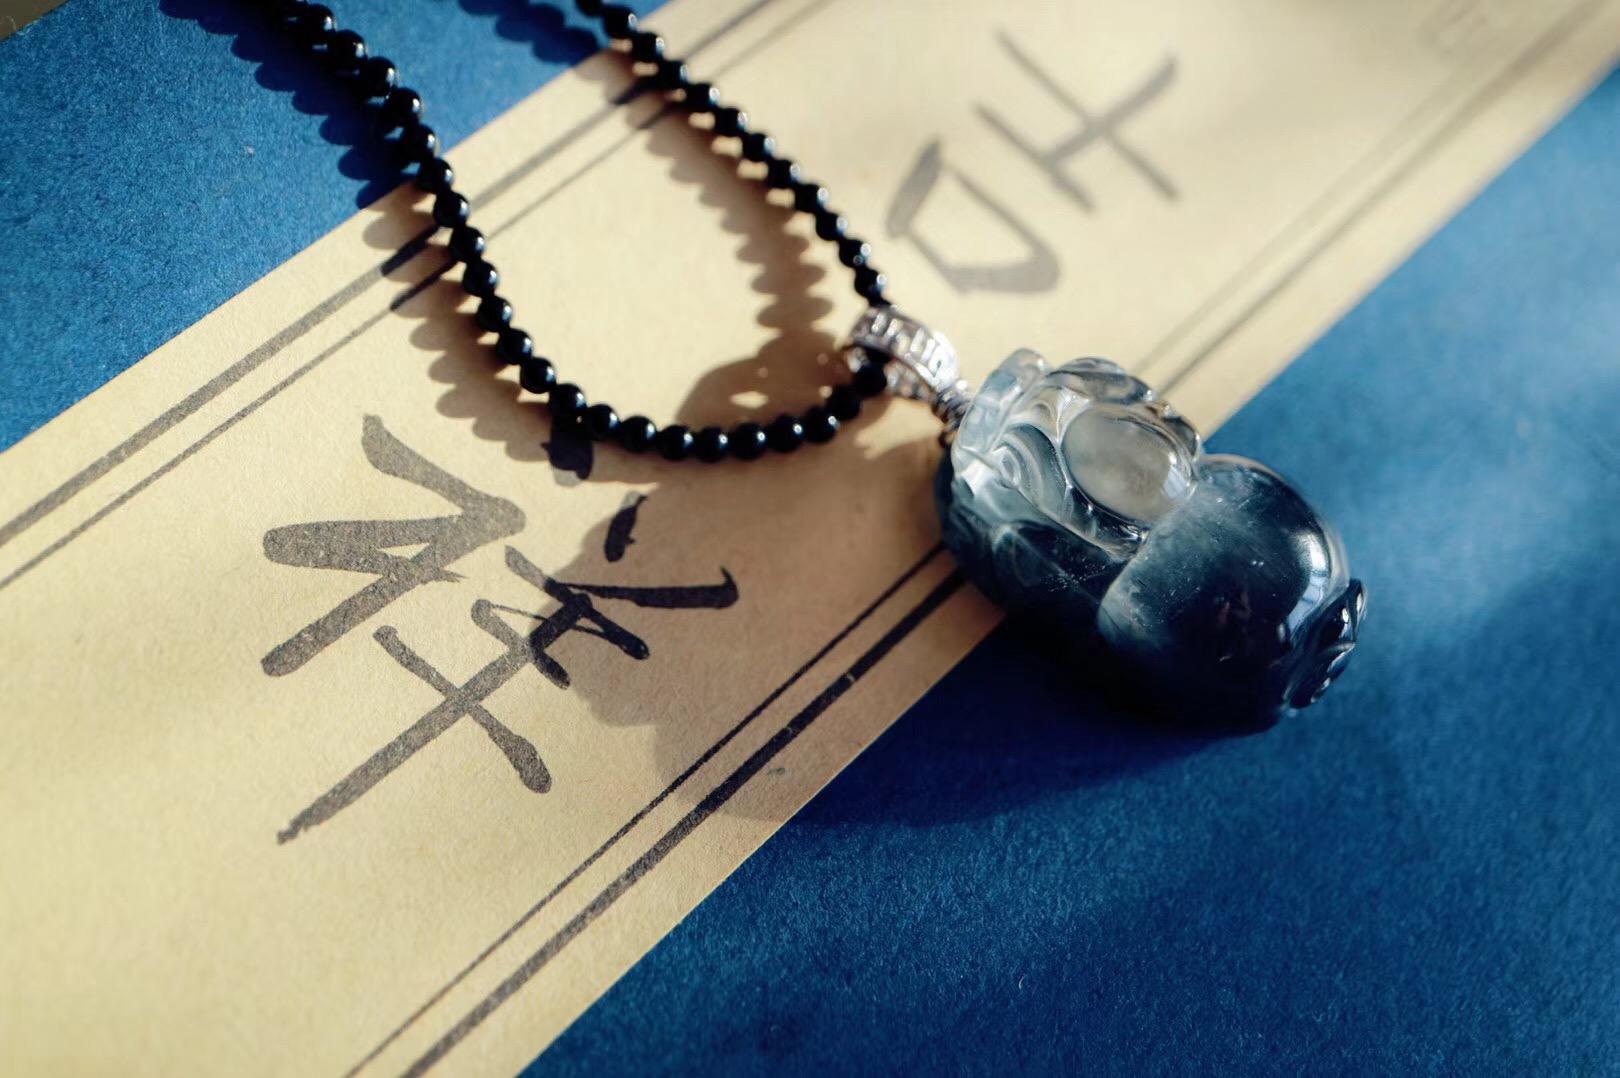 【银钛晶 | 貔貅】龙之九子,传说中的瑞兽,凶猛威武-菩心晶舍